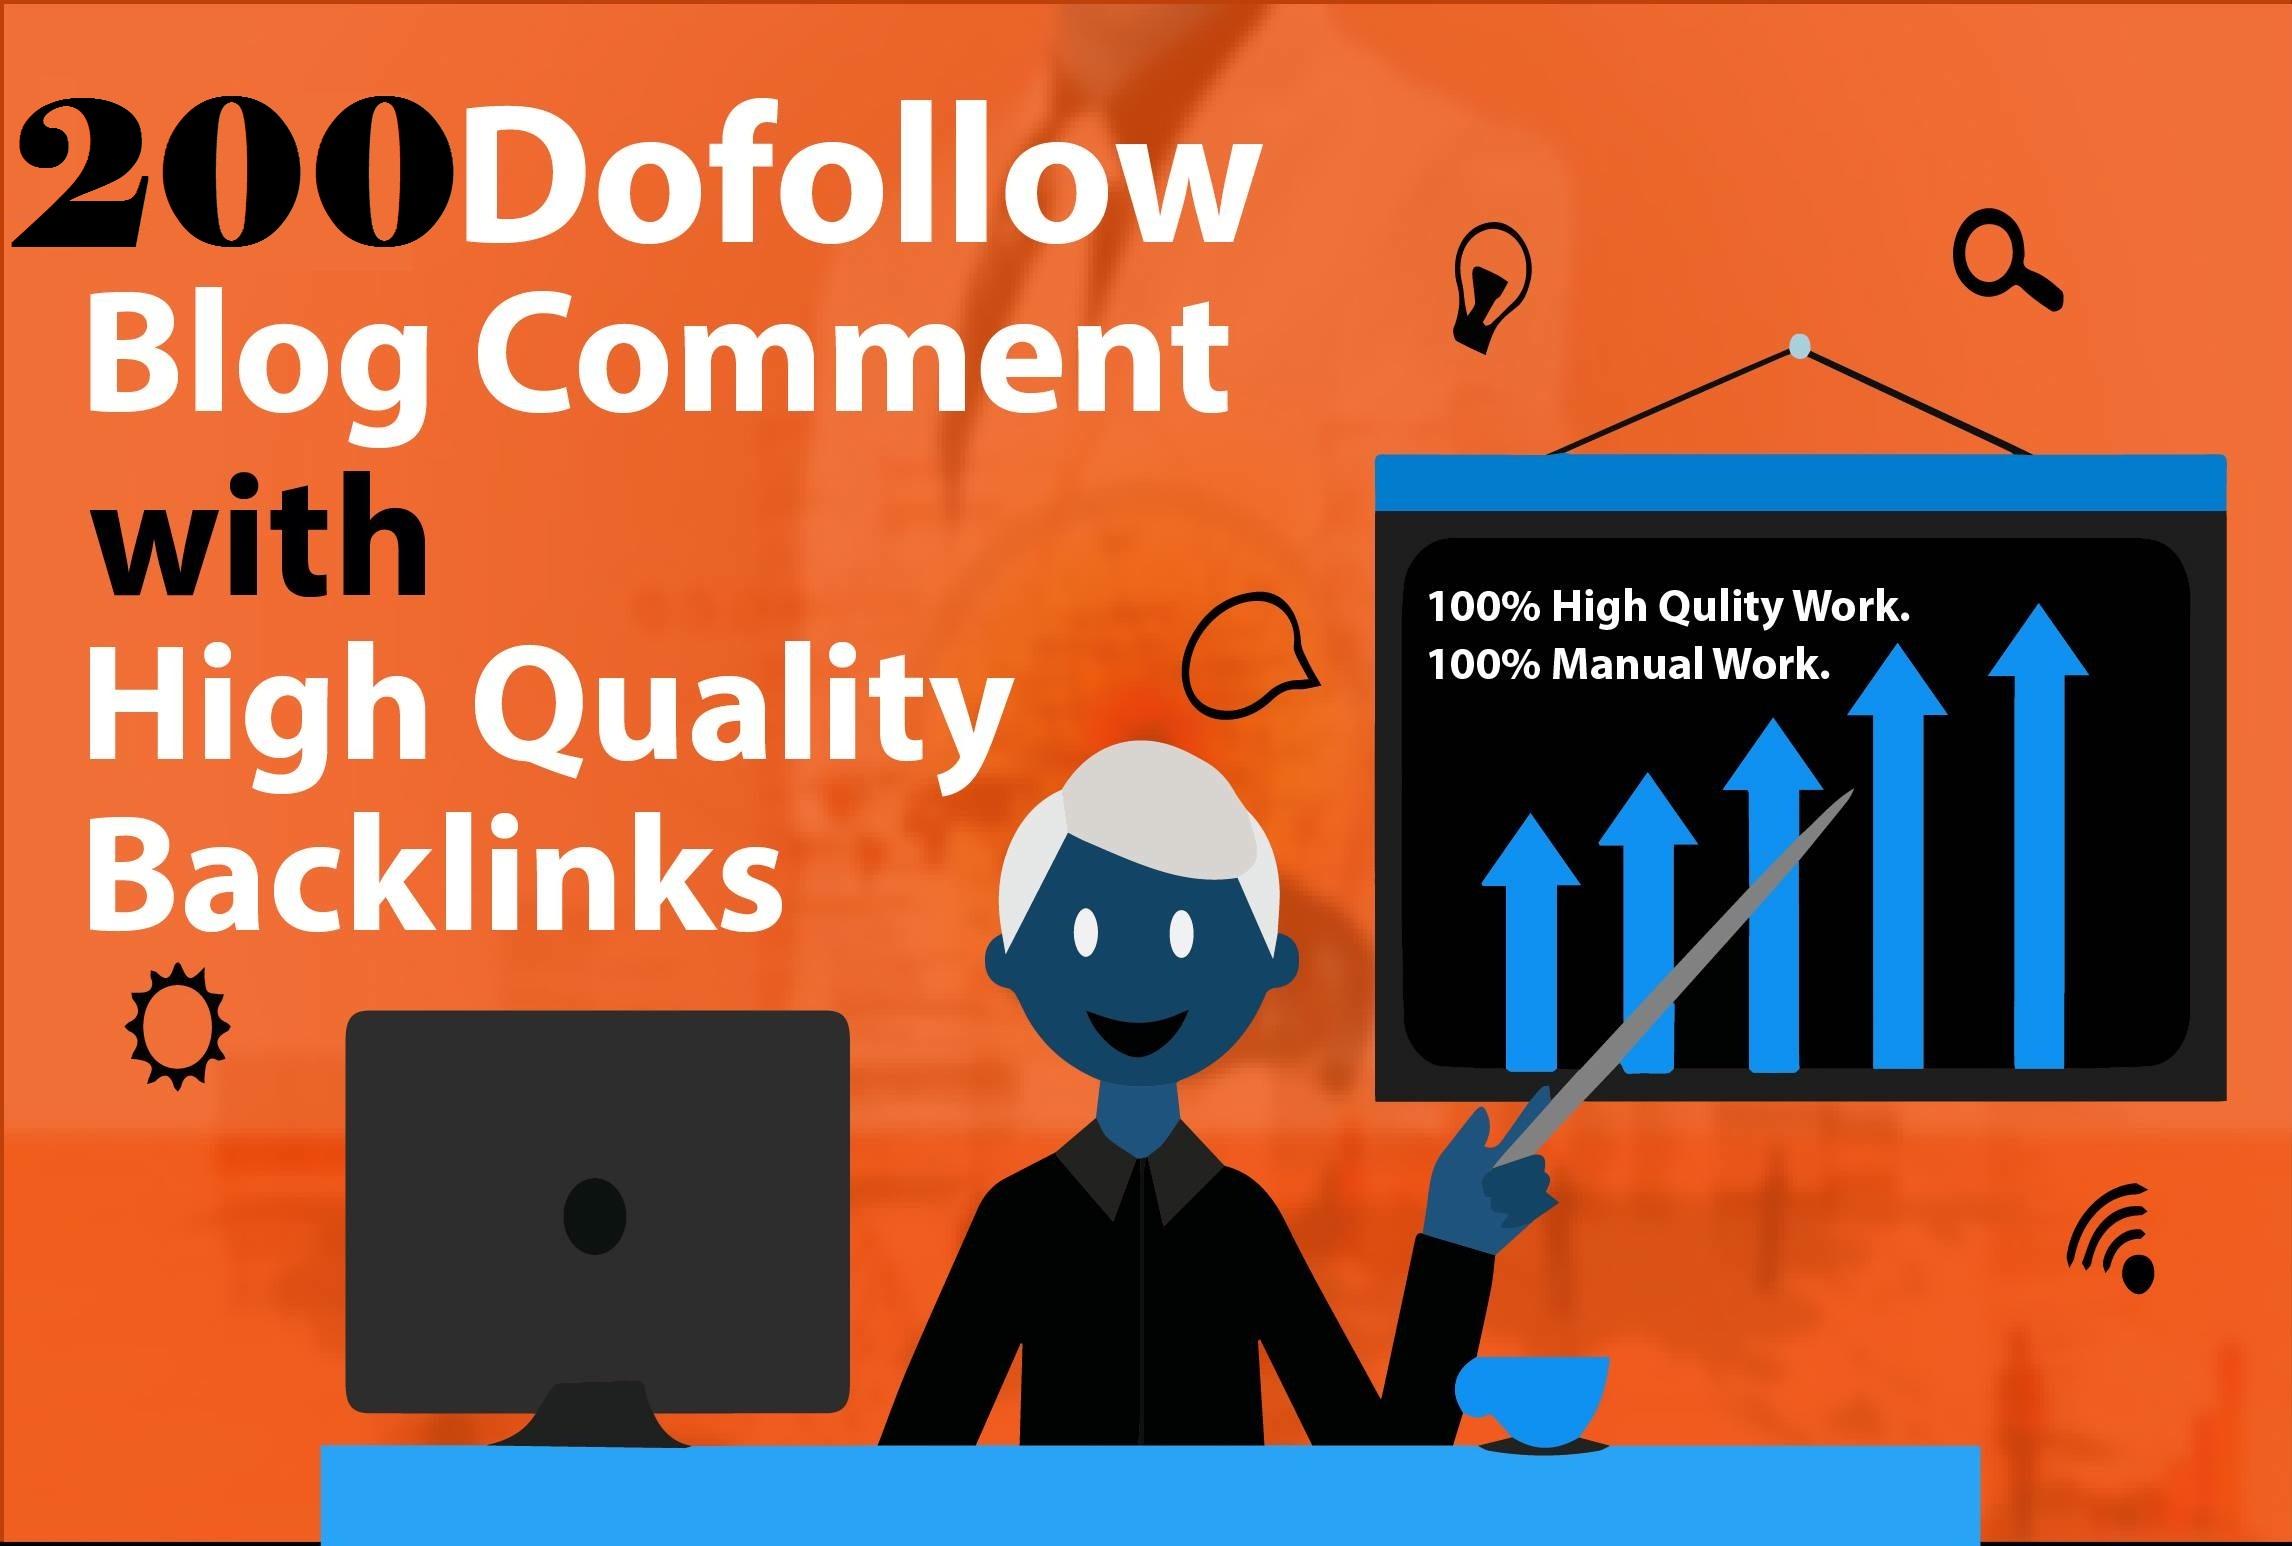 I will provide 200 do-follow backlinks